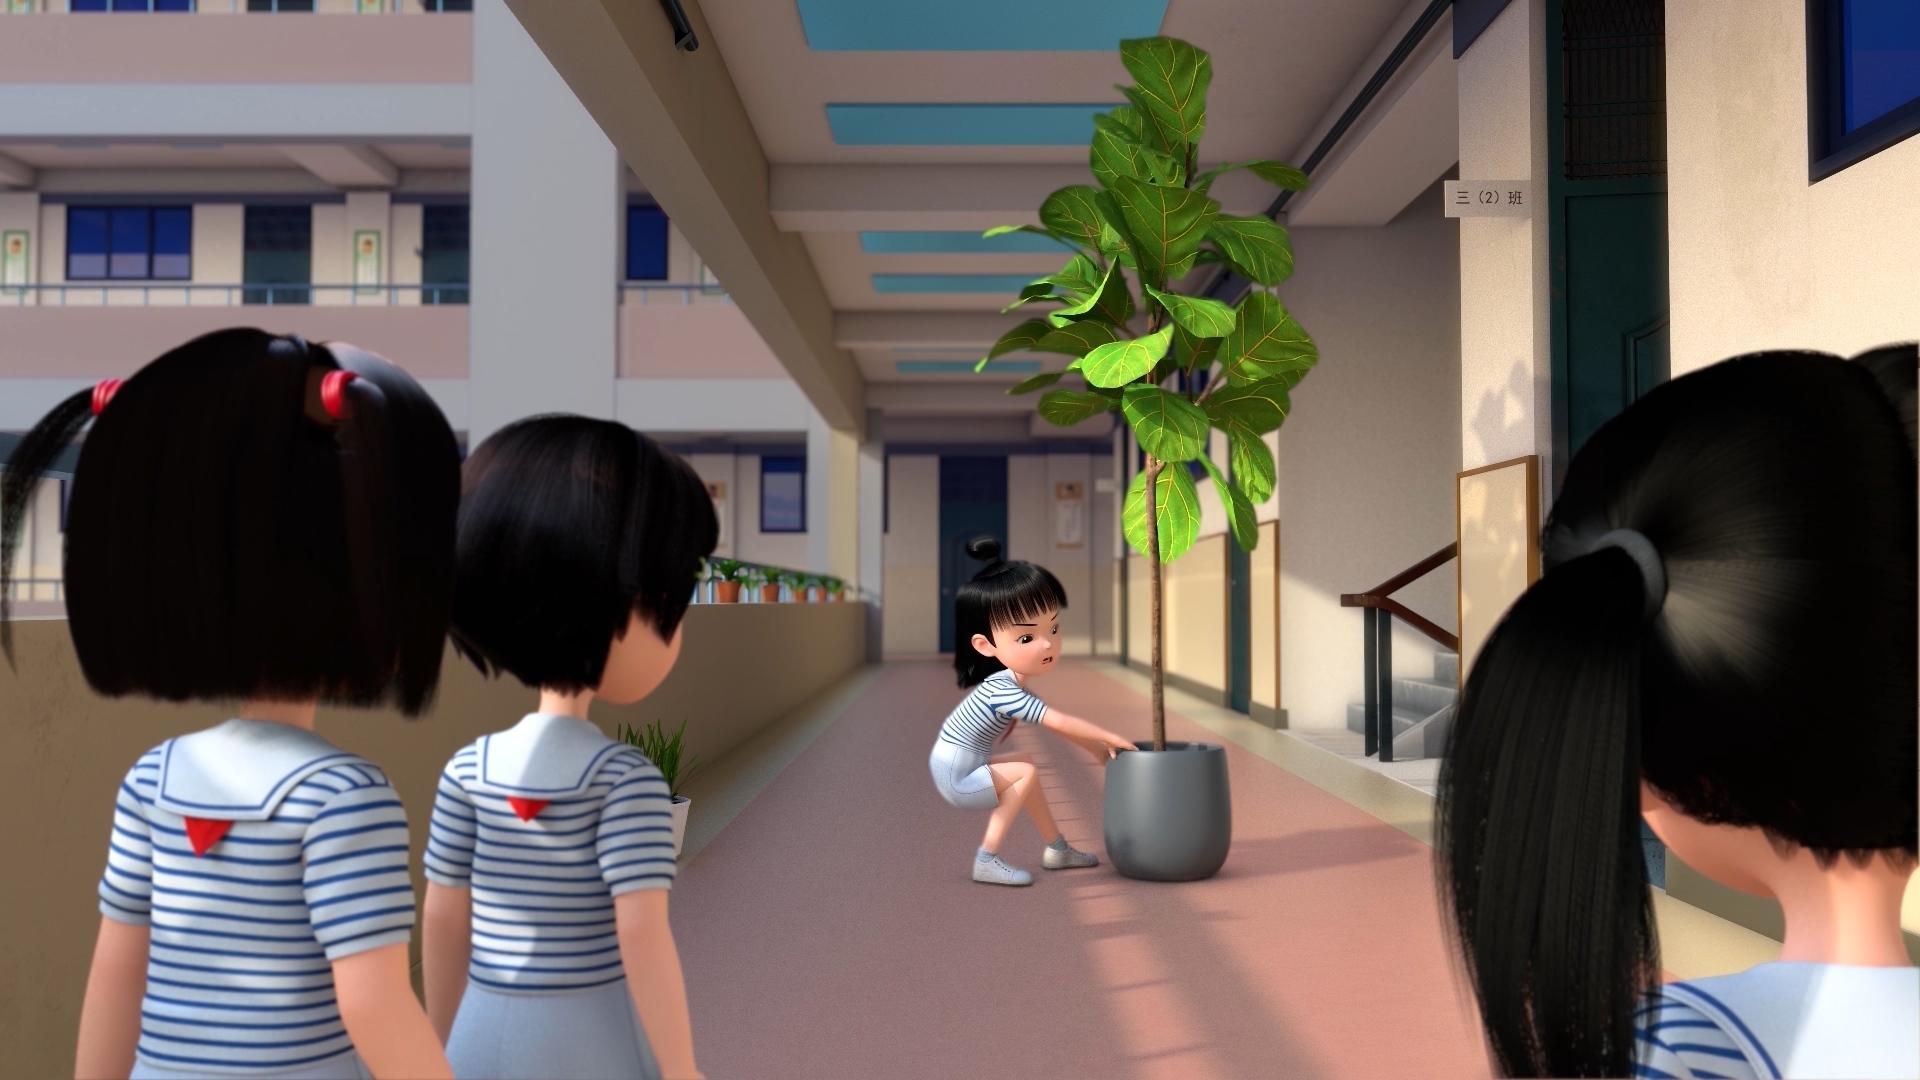 """《23号牛乃唐》给植物""""浇水施肥晒太阳""""有错吗?"""